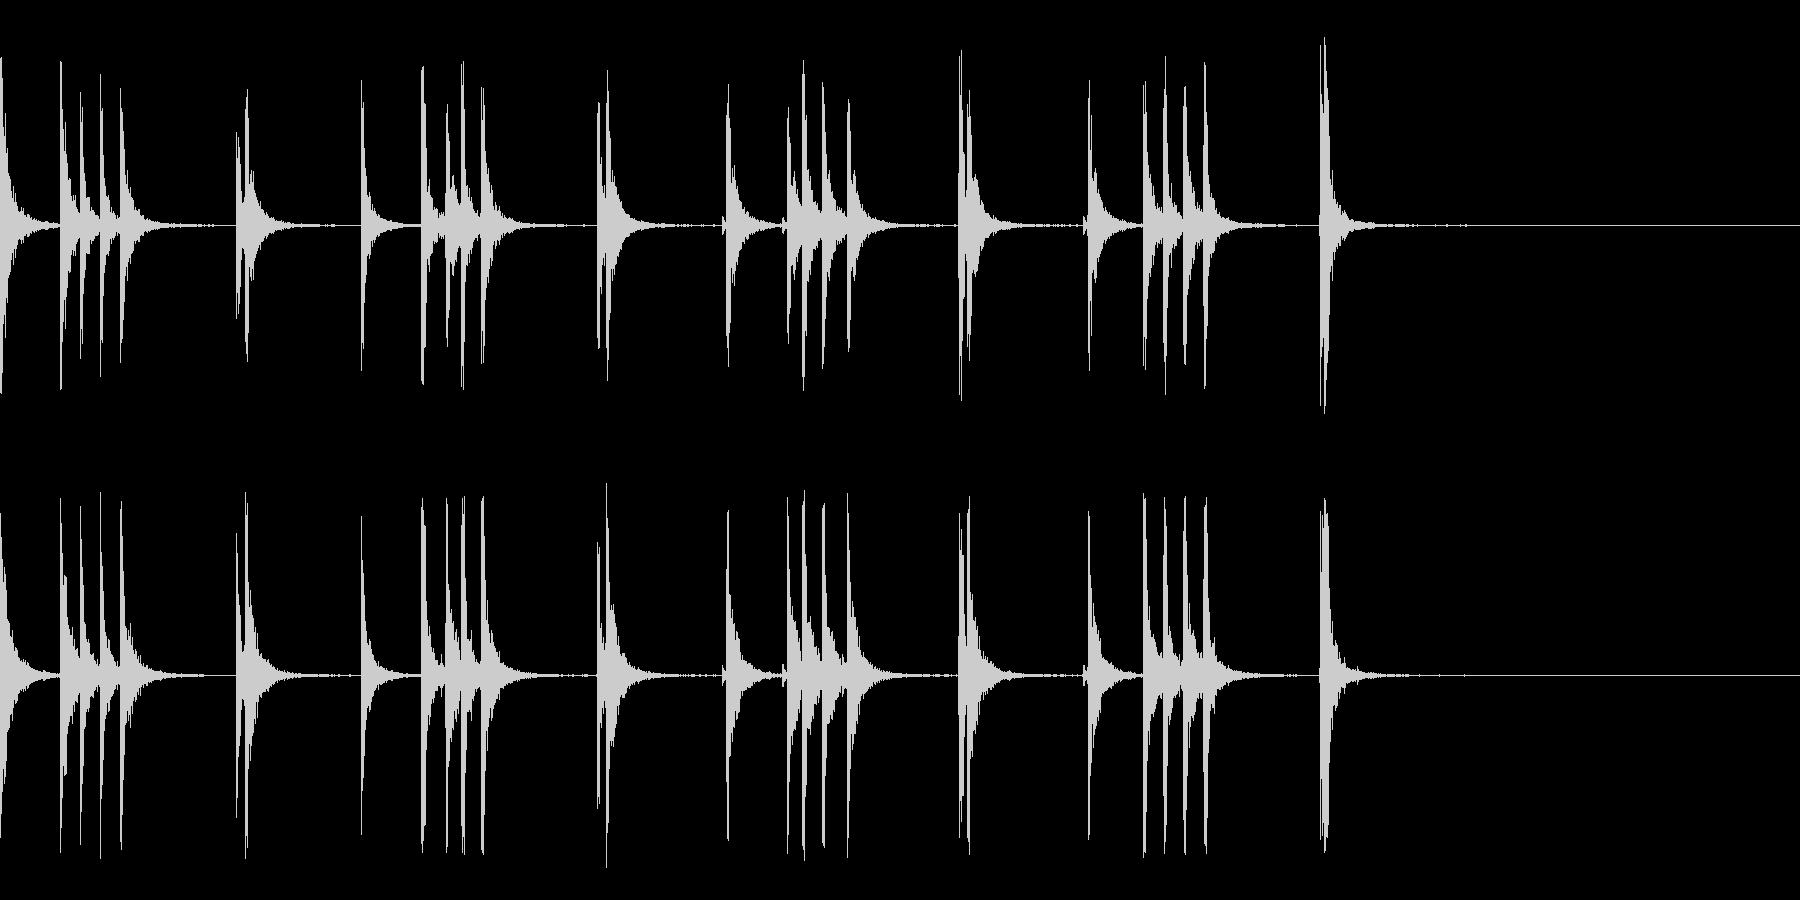 カスタネット!フラメンコフレーズ1の未再生の波形